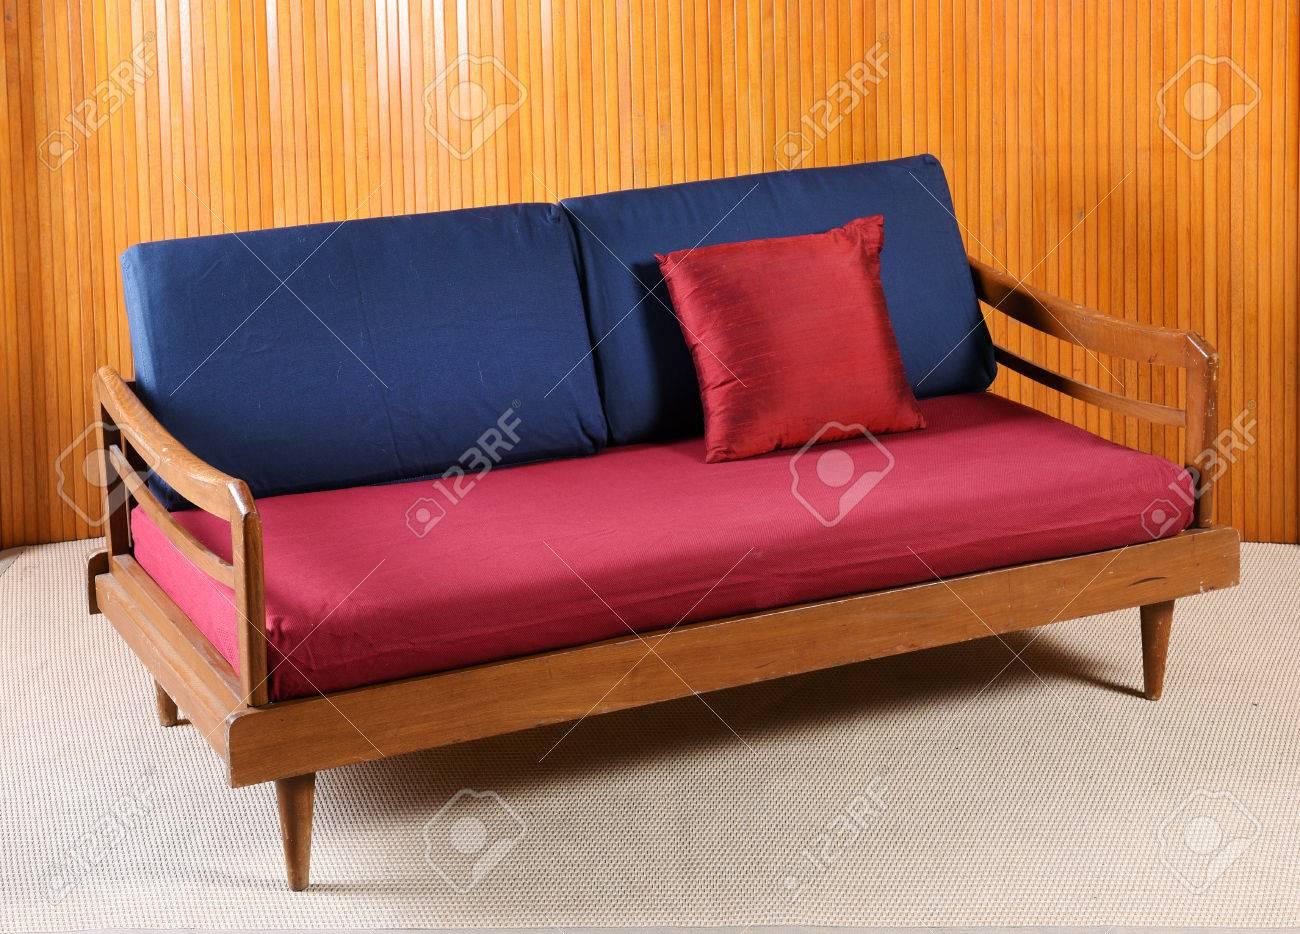 Sofá Tapizado Rojo Y Azul Vintage Con Un Marco De Madera Y ...